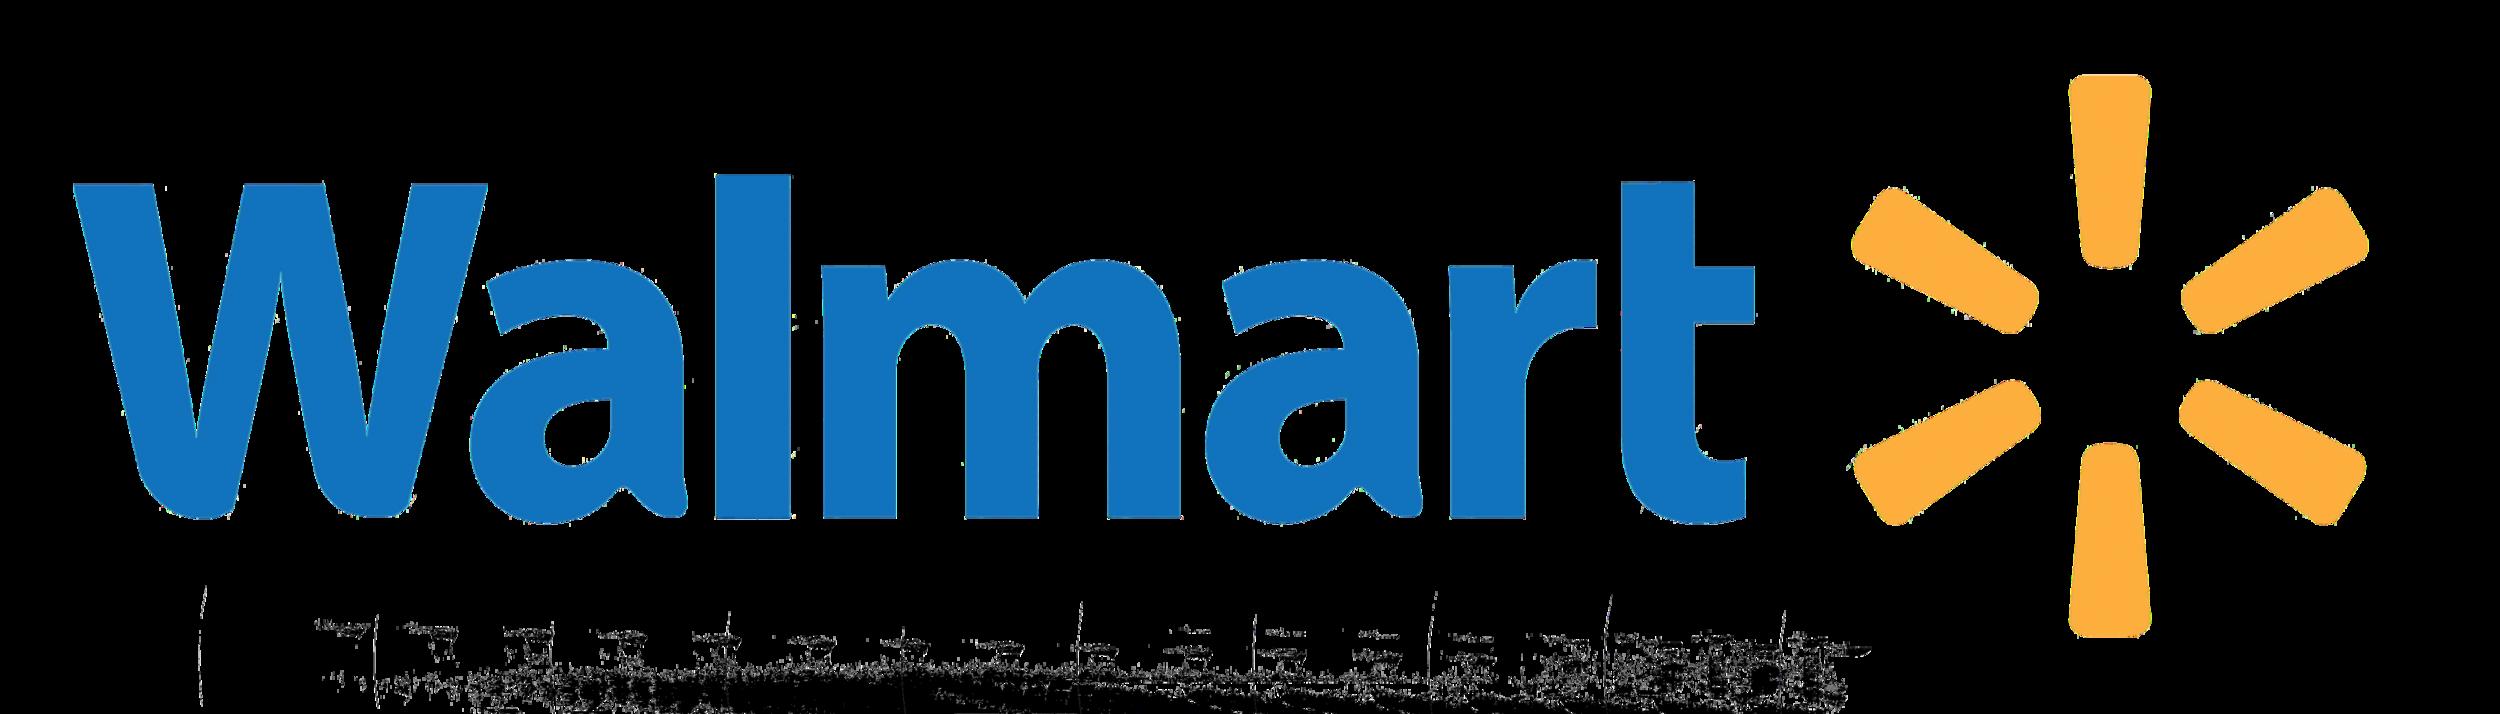 Walmart 01.png